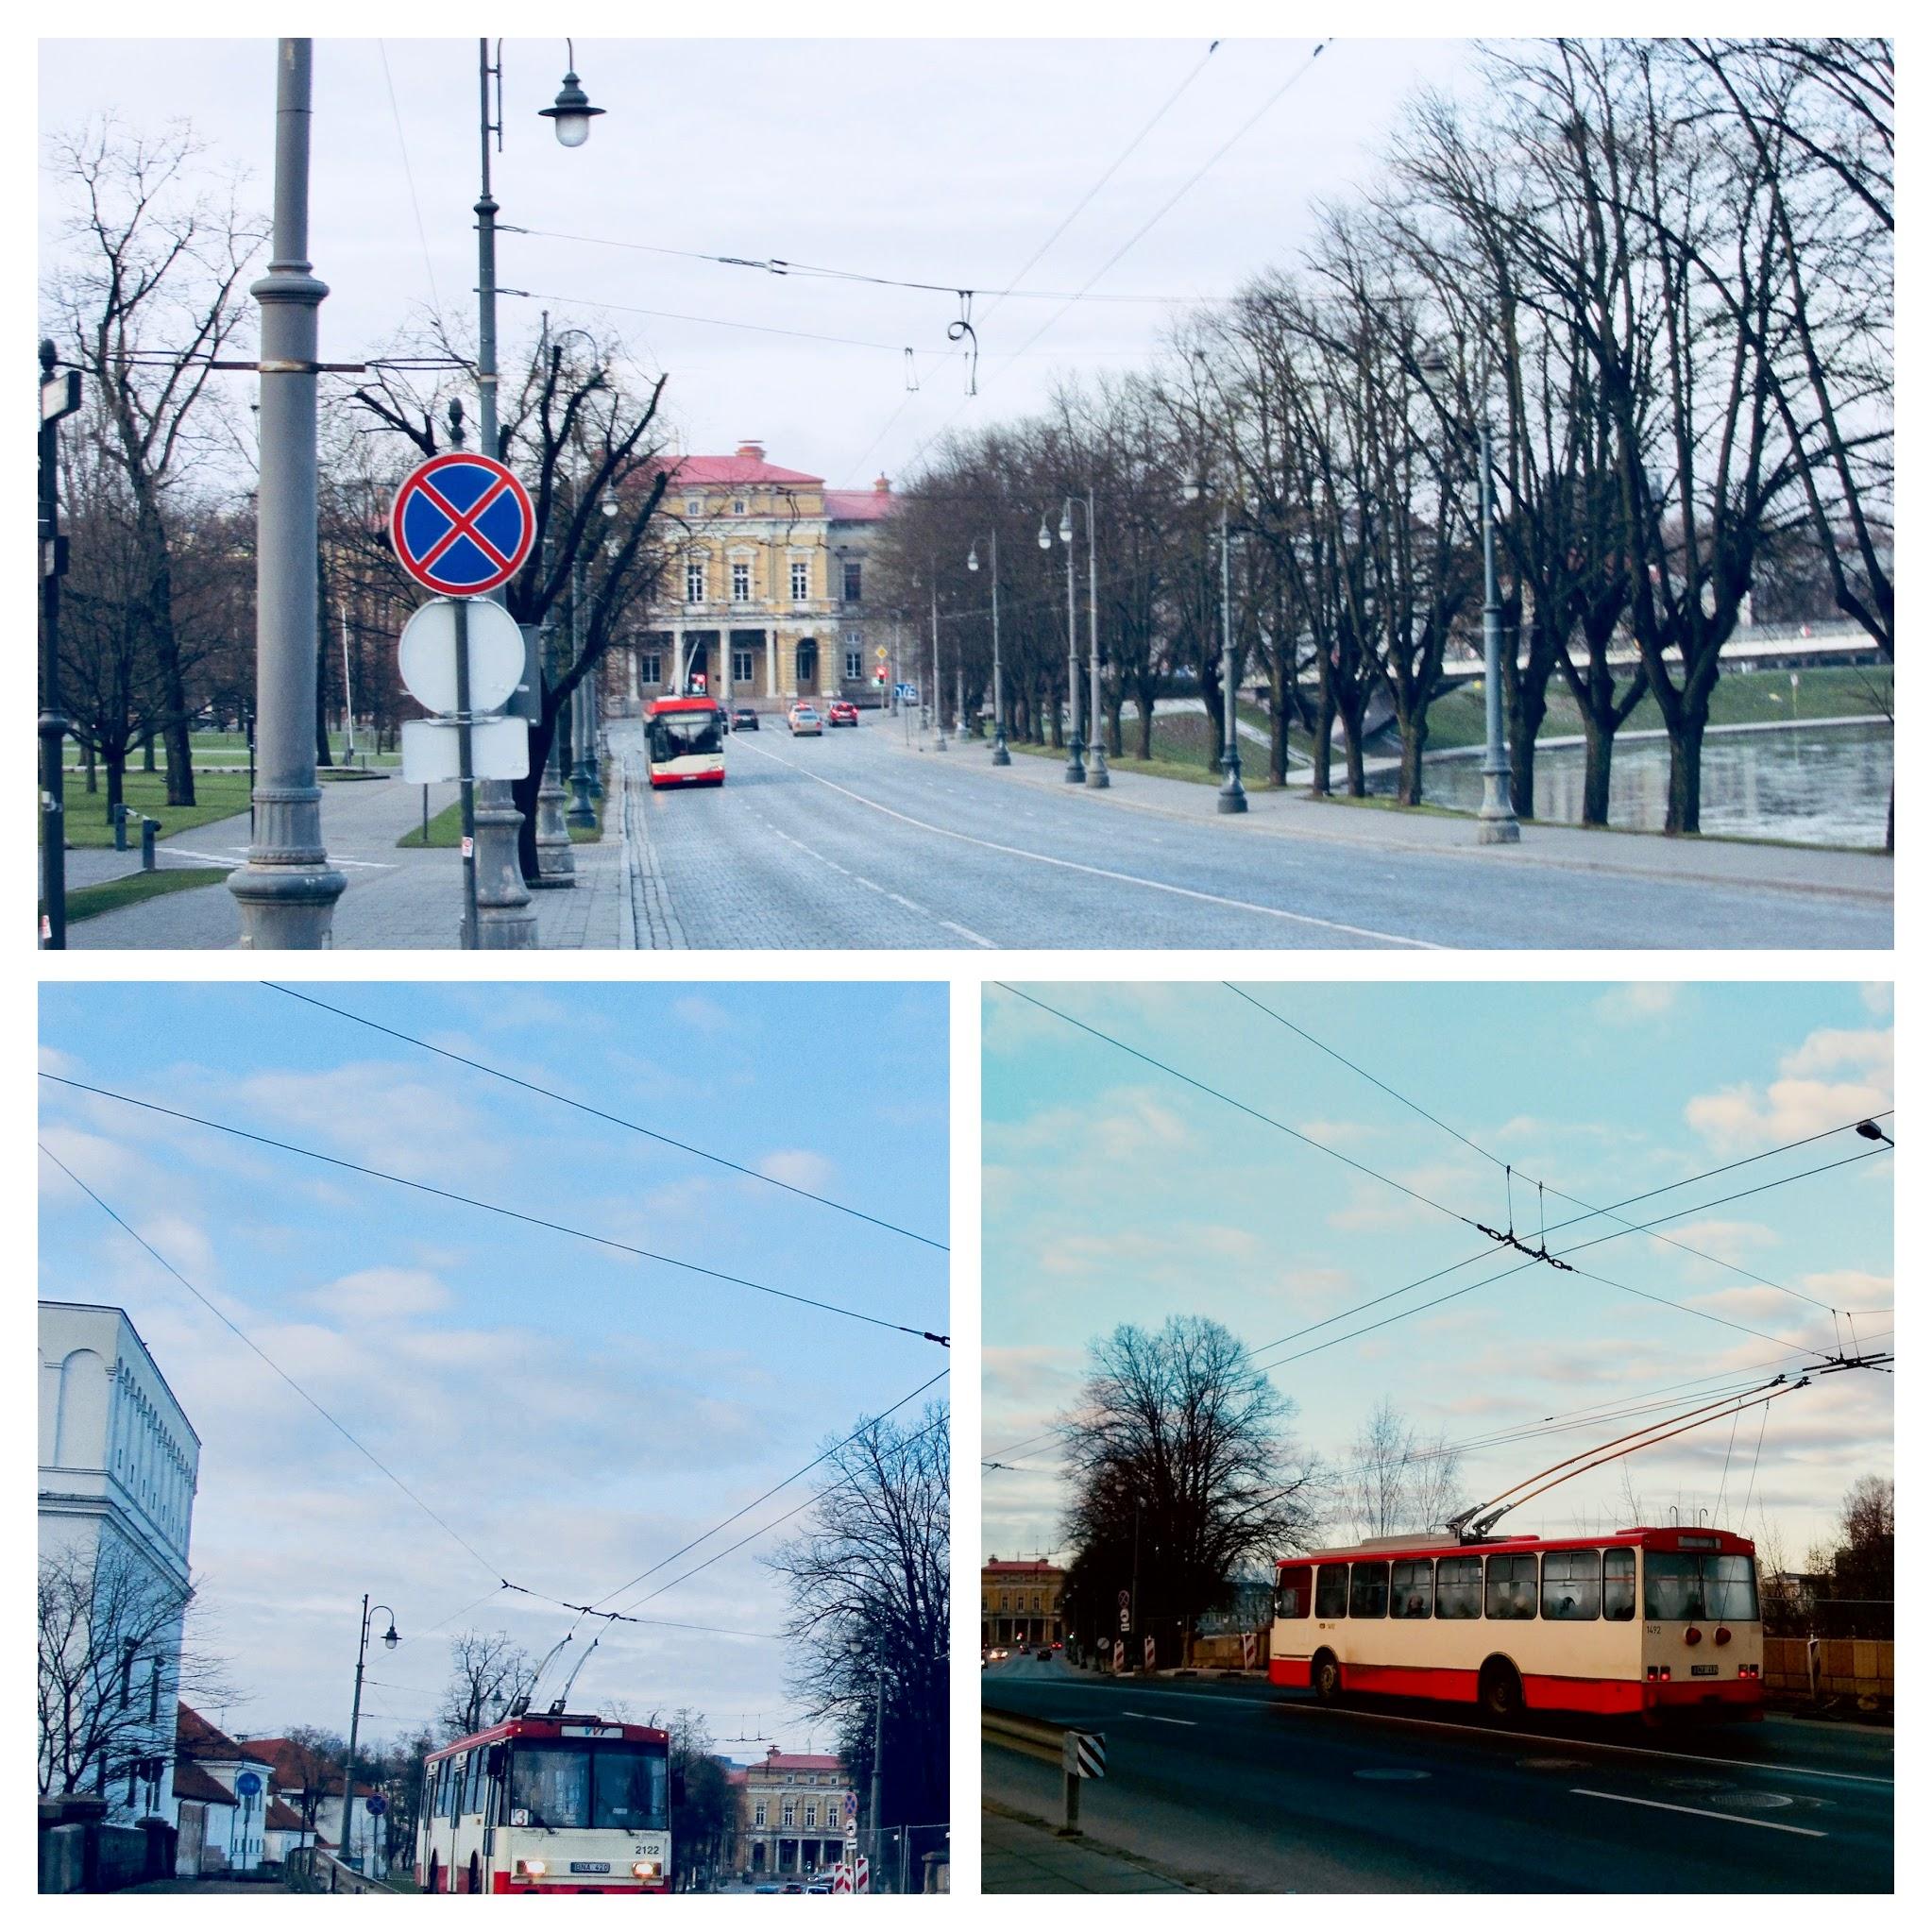 Public transportation in Vilnius.